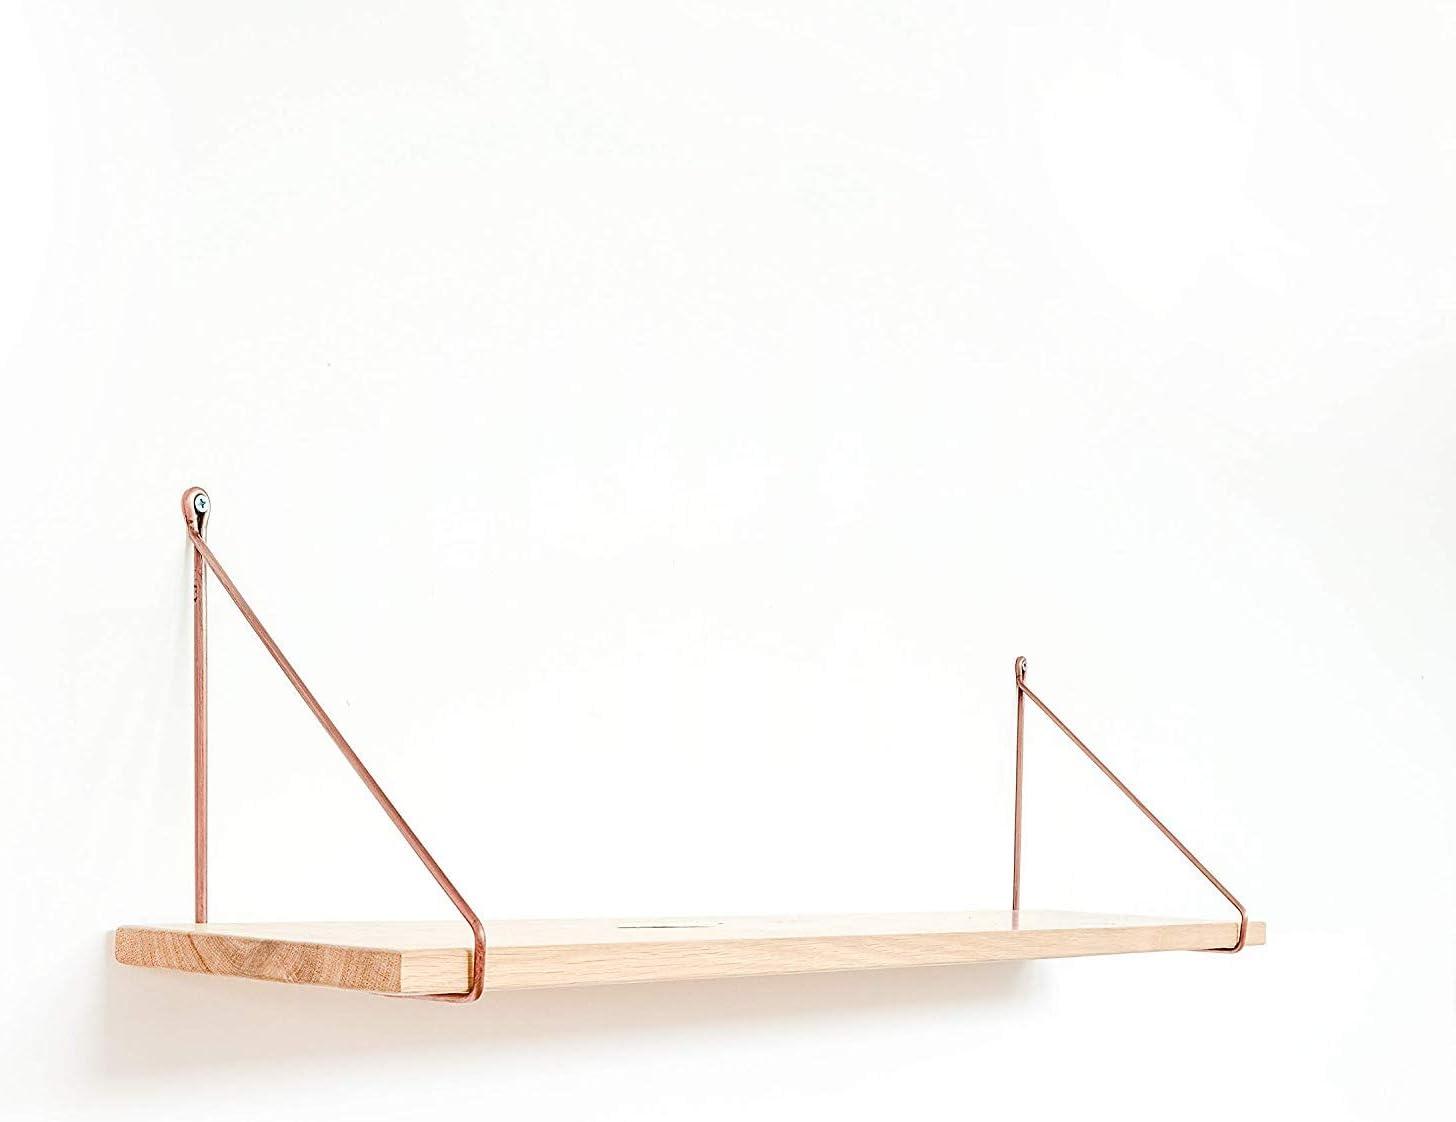 250mm, Antik Gold Design Regaltr/äger Wandregal Regalst/ütze Metall Konsole Draht 2x Natural Goods Berlin Regalhalter Pankow H/ängeregal